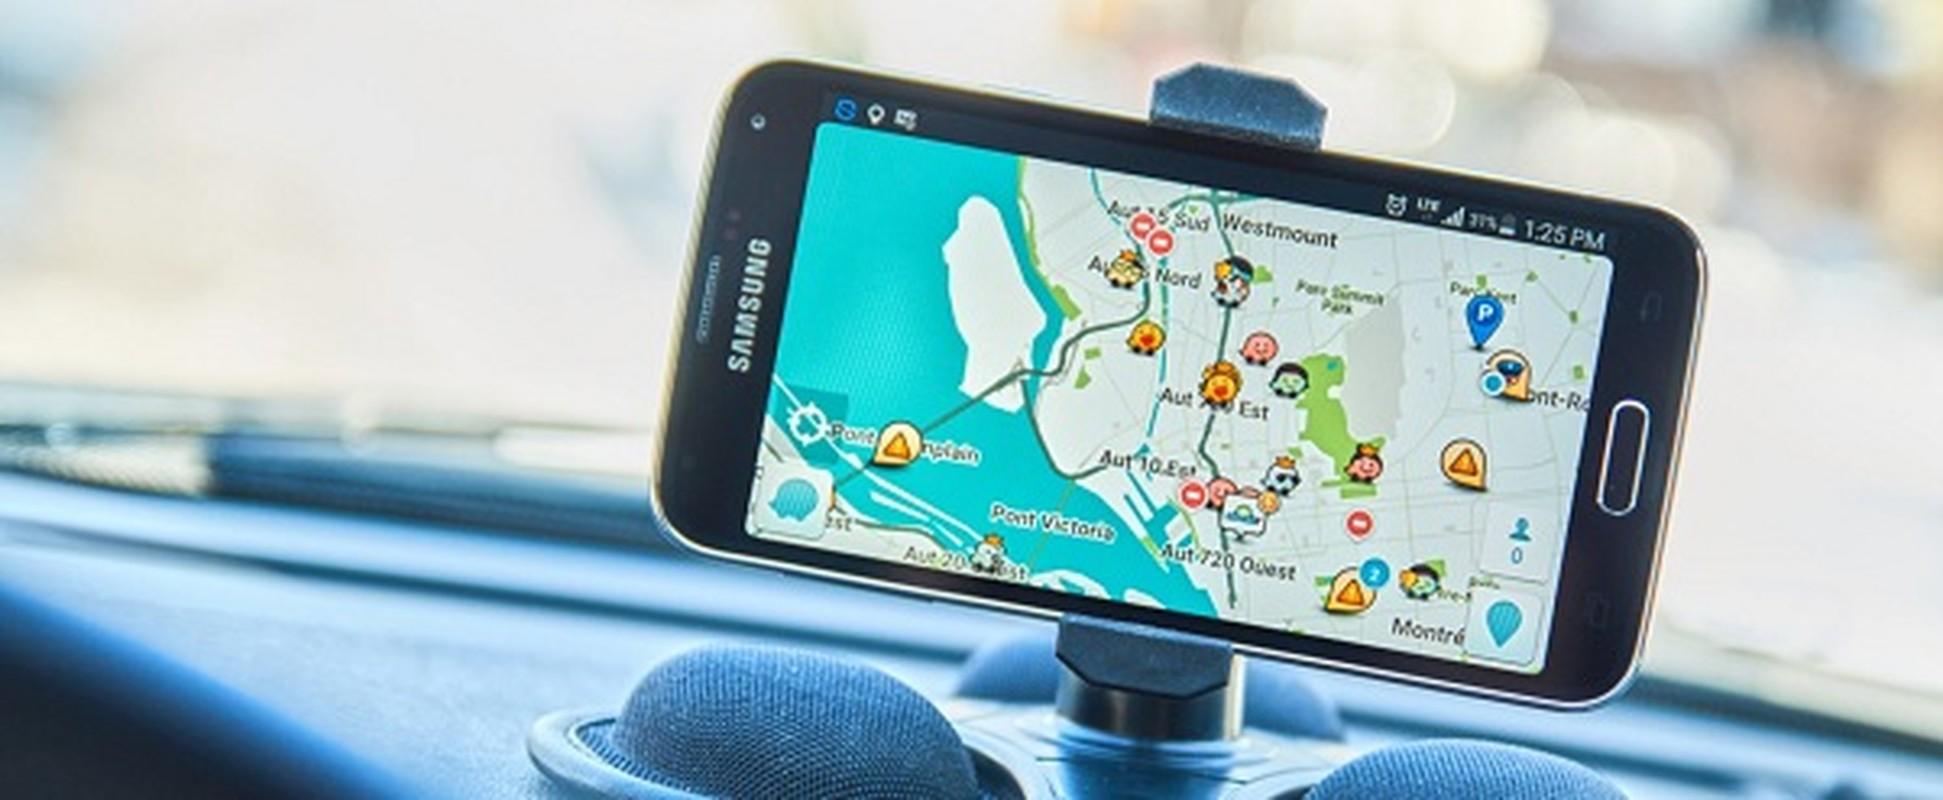 Ung dung smartphone giup nguoi lon khong bo quen tre tren o to-Hinh-4